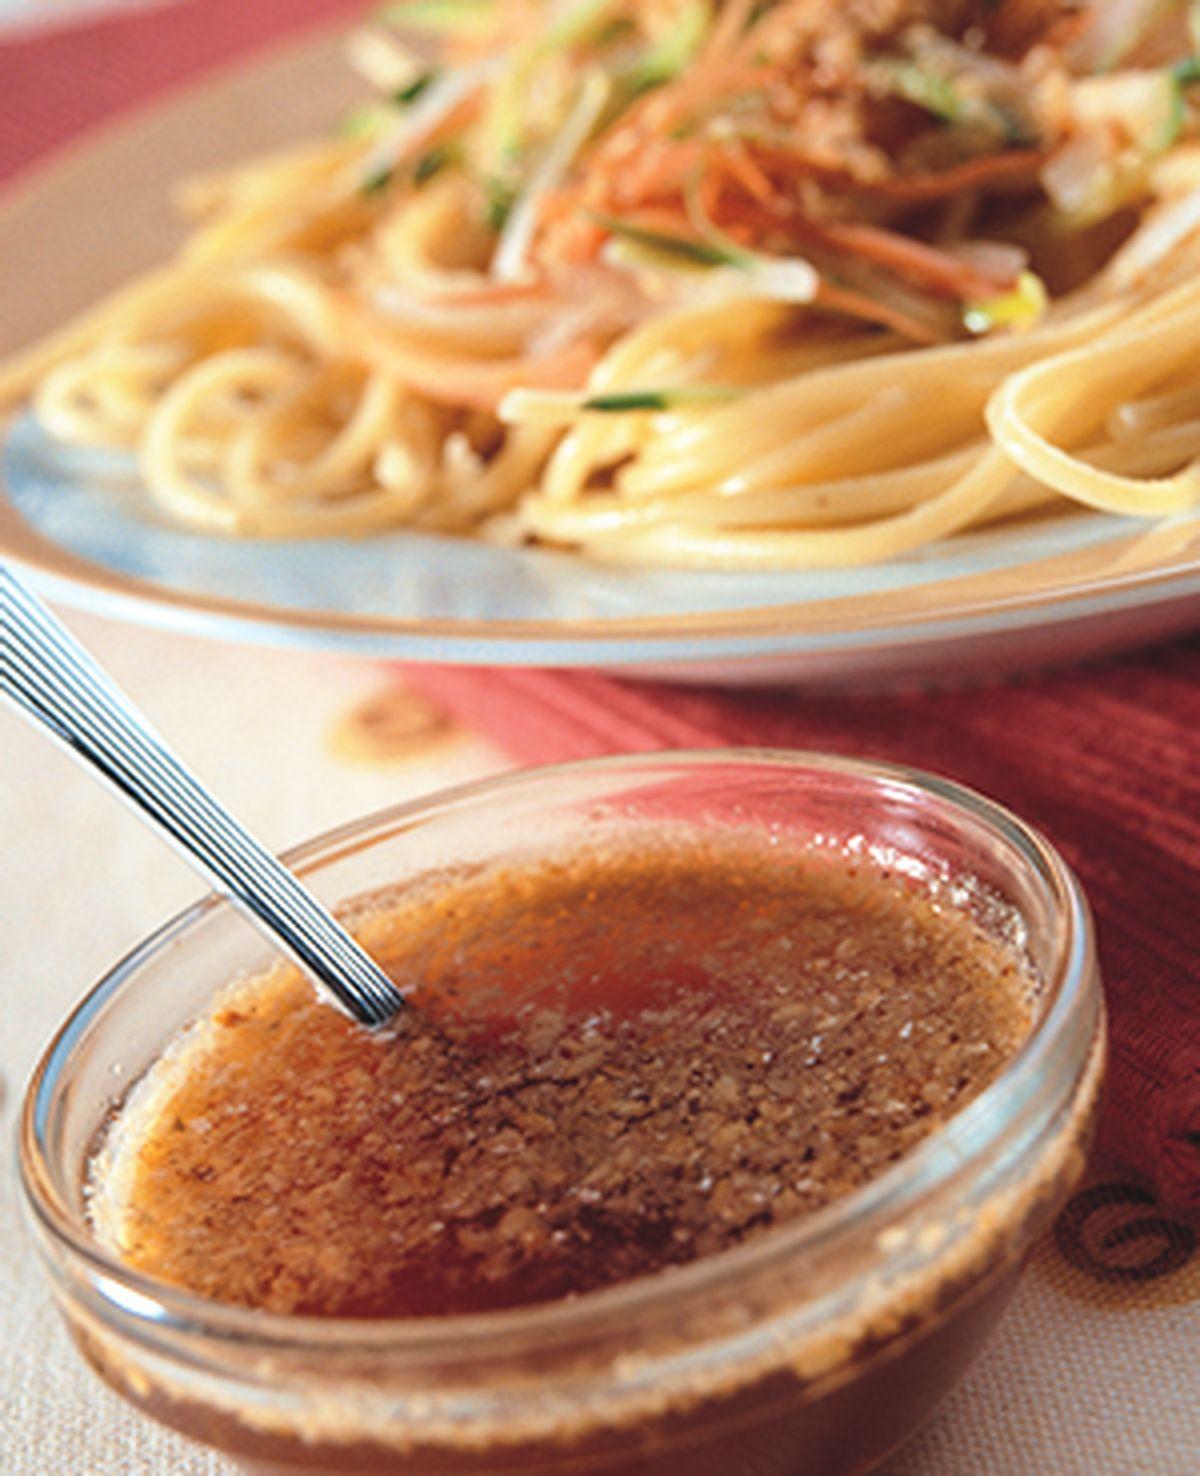 食譜:蔬菜麻醬義大利涼麵